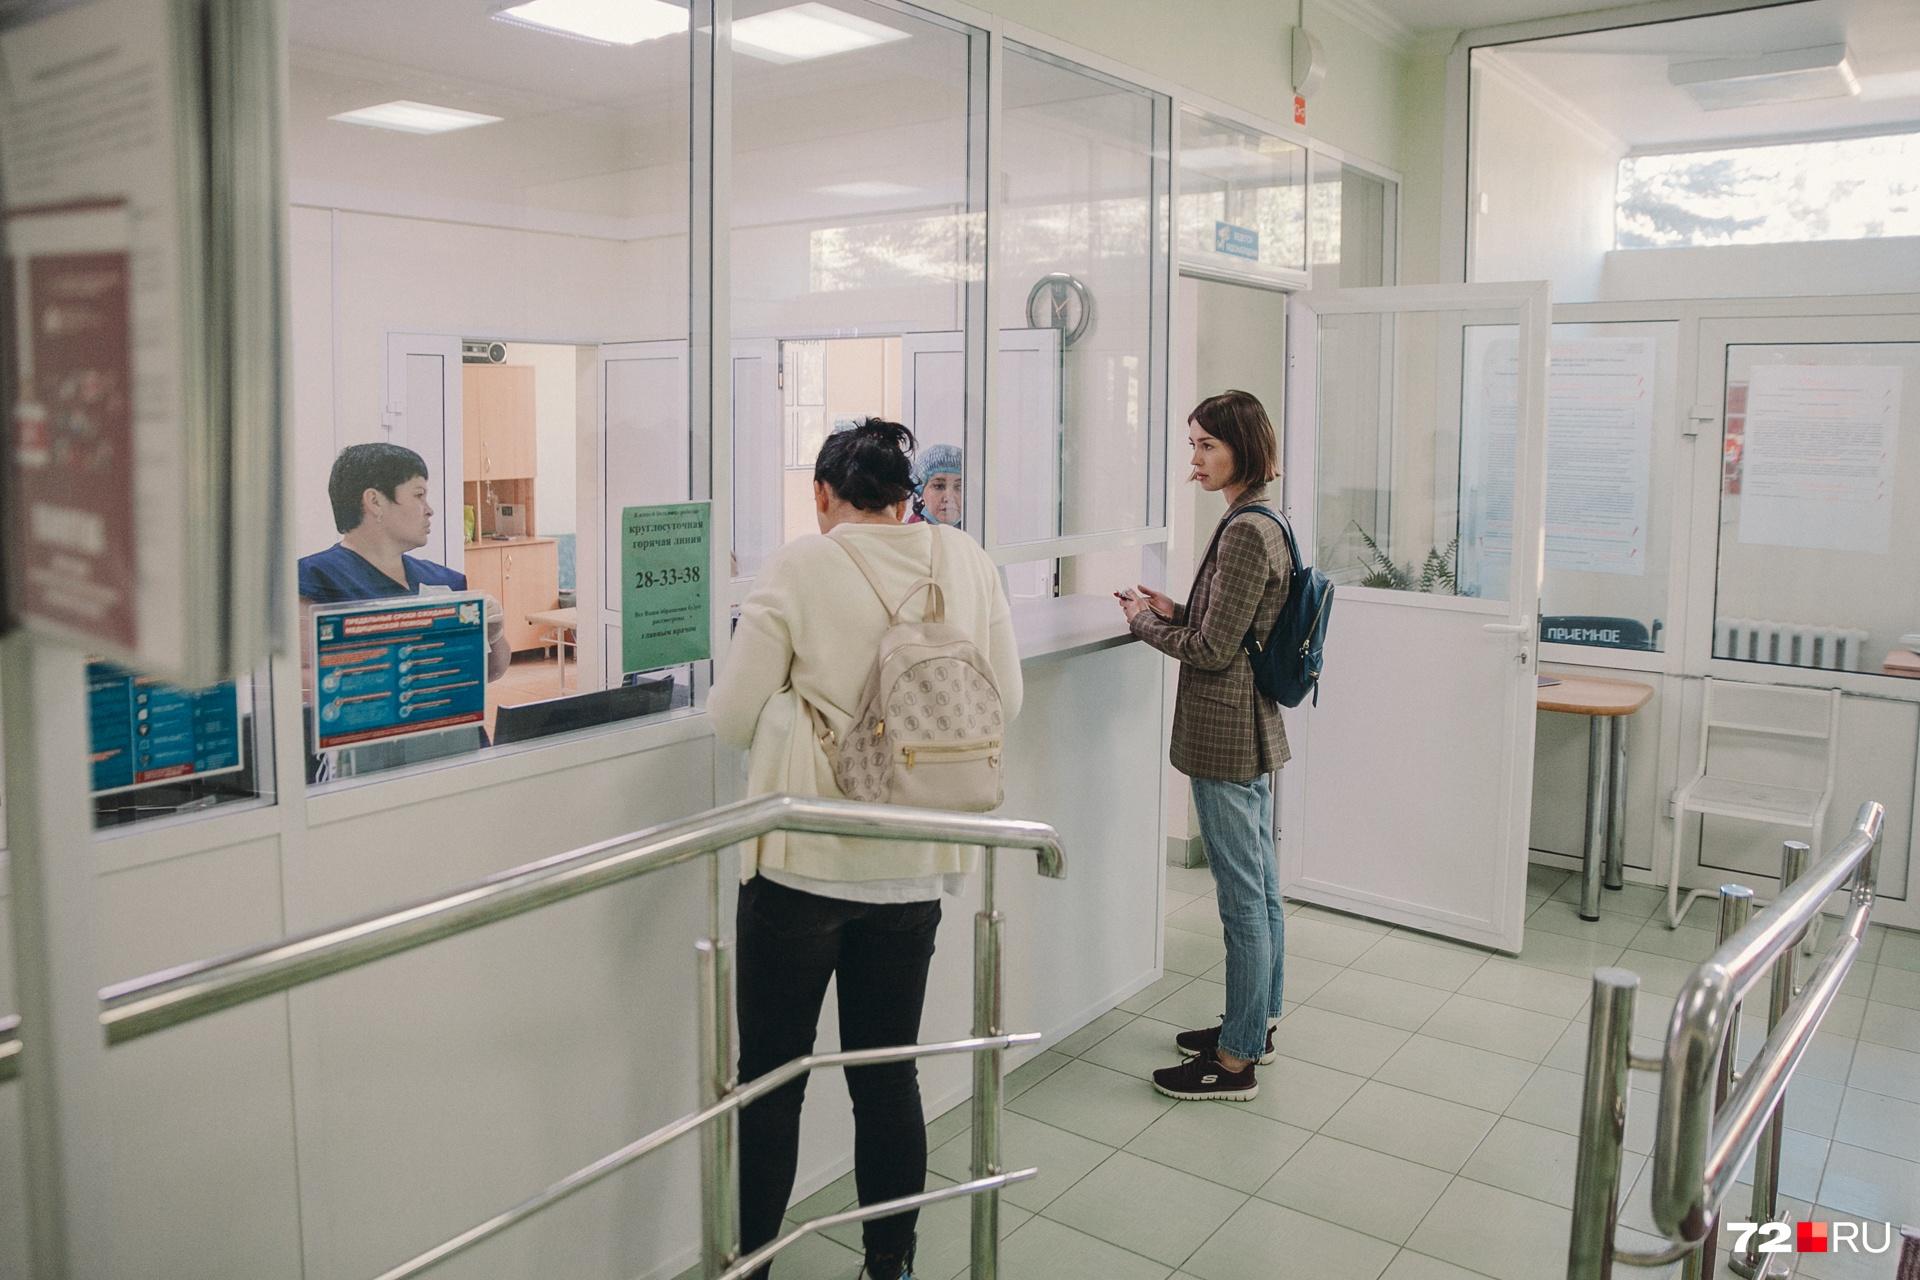 В регистратуре приемного отделения нам подтвердили, что случай с отказом в медпомощи у них действительно был (но не в их смену). Заведующая отделением общаться с журналистами отказалась, отправив к главврачу